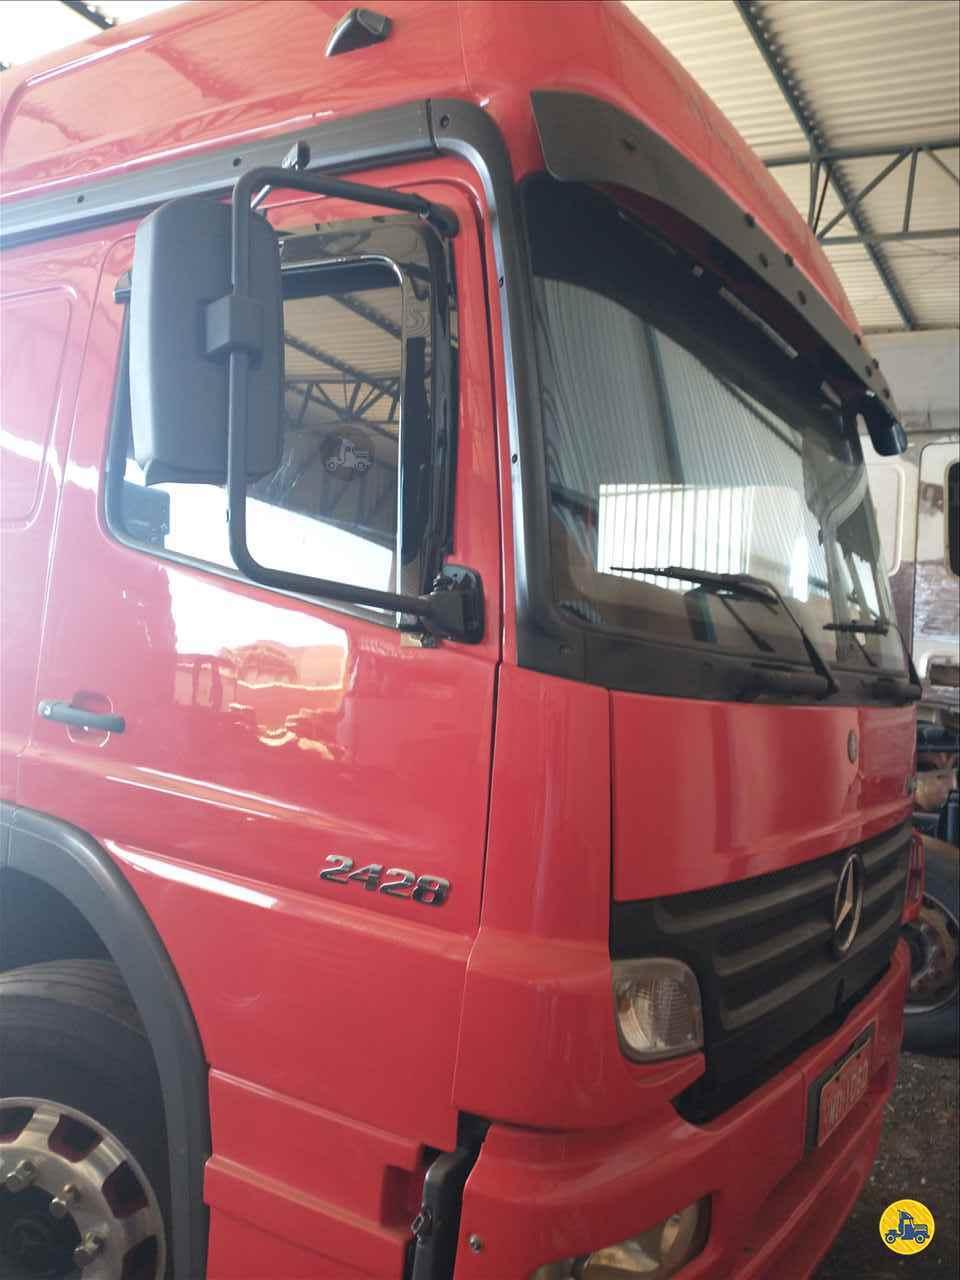 CAMINHAO MERCEDES-BENZ MB 2429 Chassis BiTruck 8x2 Cotral Caminhões SERRA DO SALITRE MINAS GERAIS MG